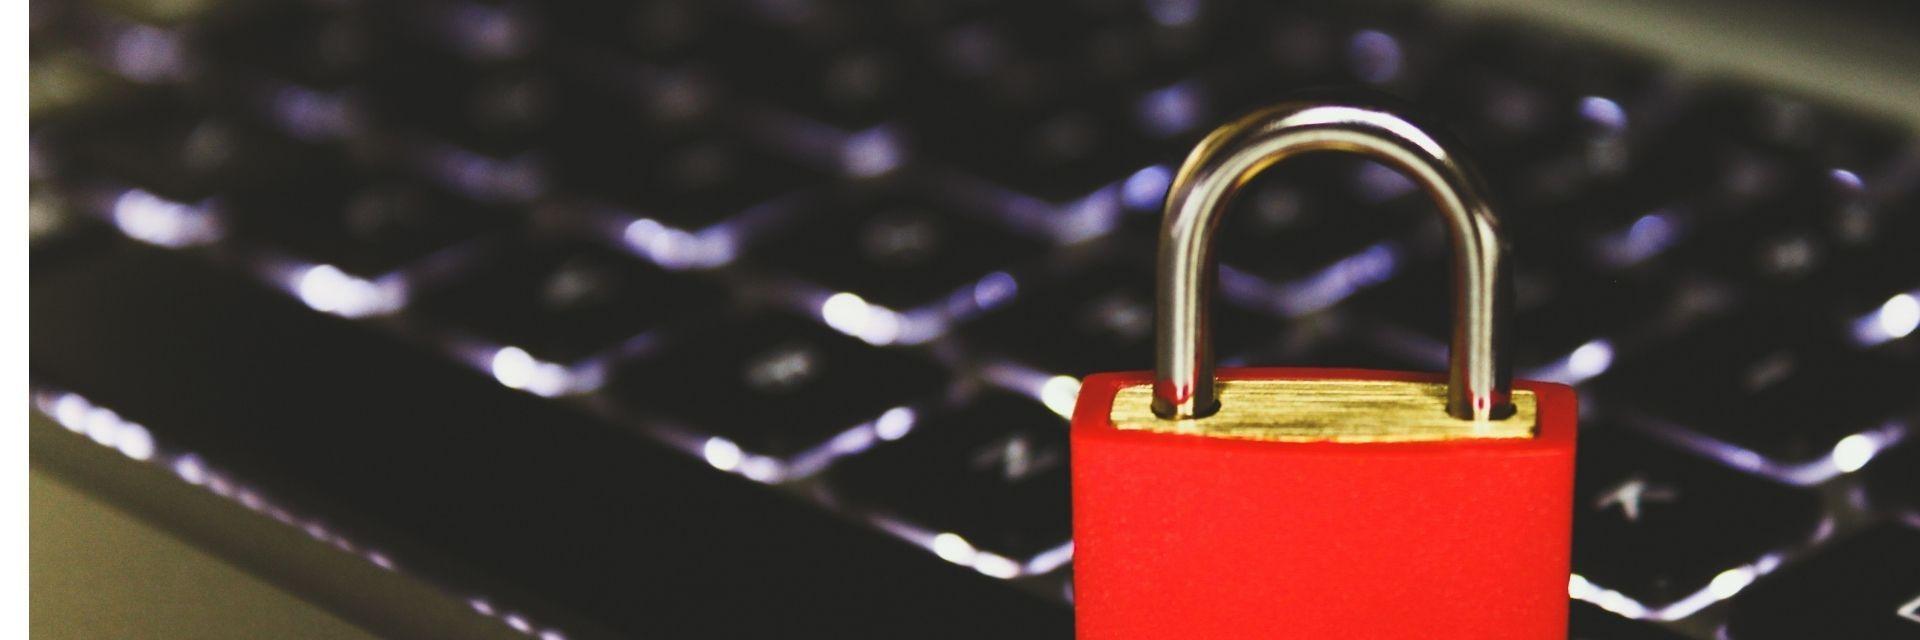 Network e Segurança